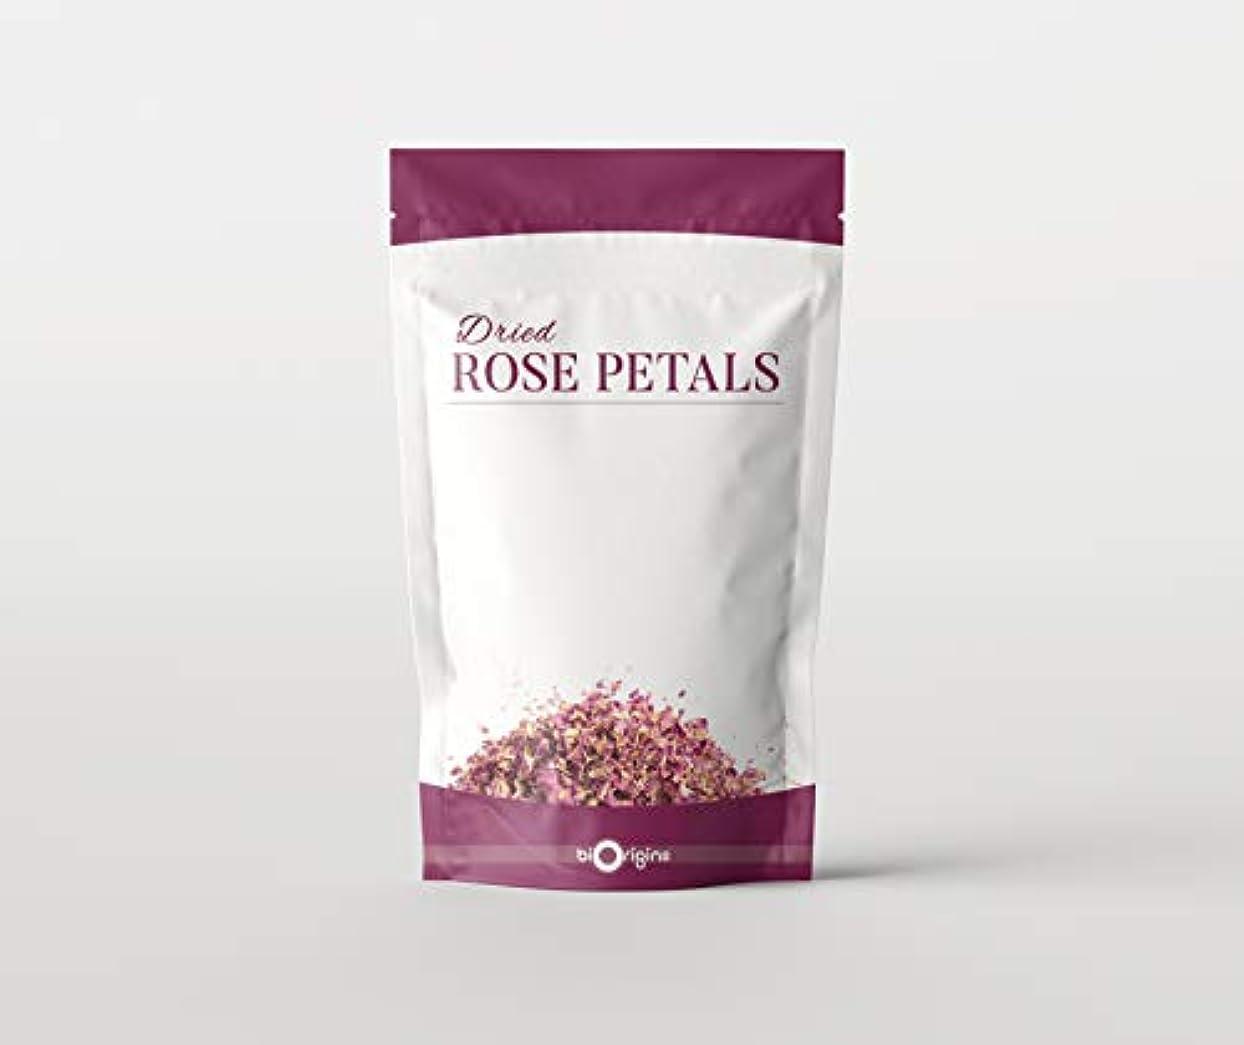 増幅探す信じられないDried Rose Petals - 100g